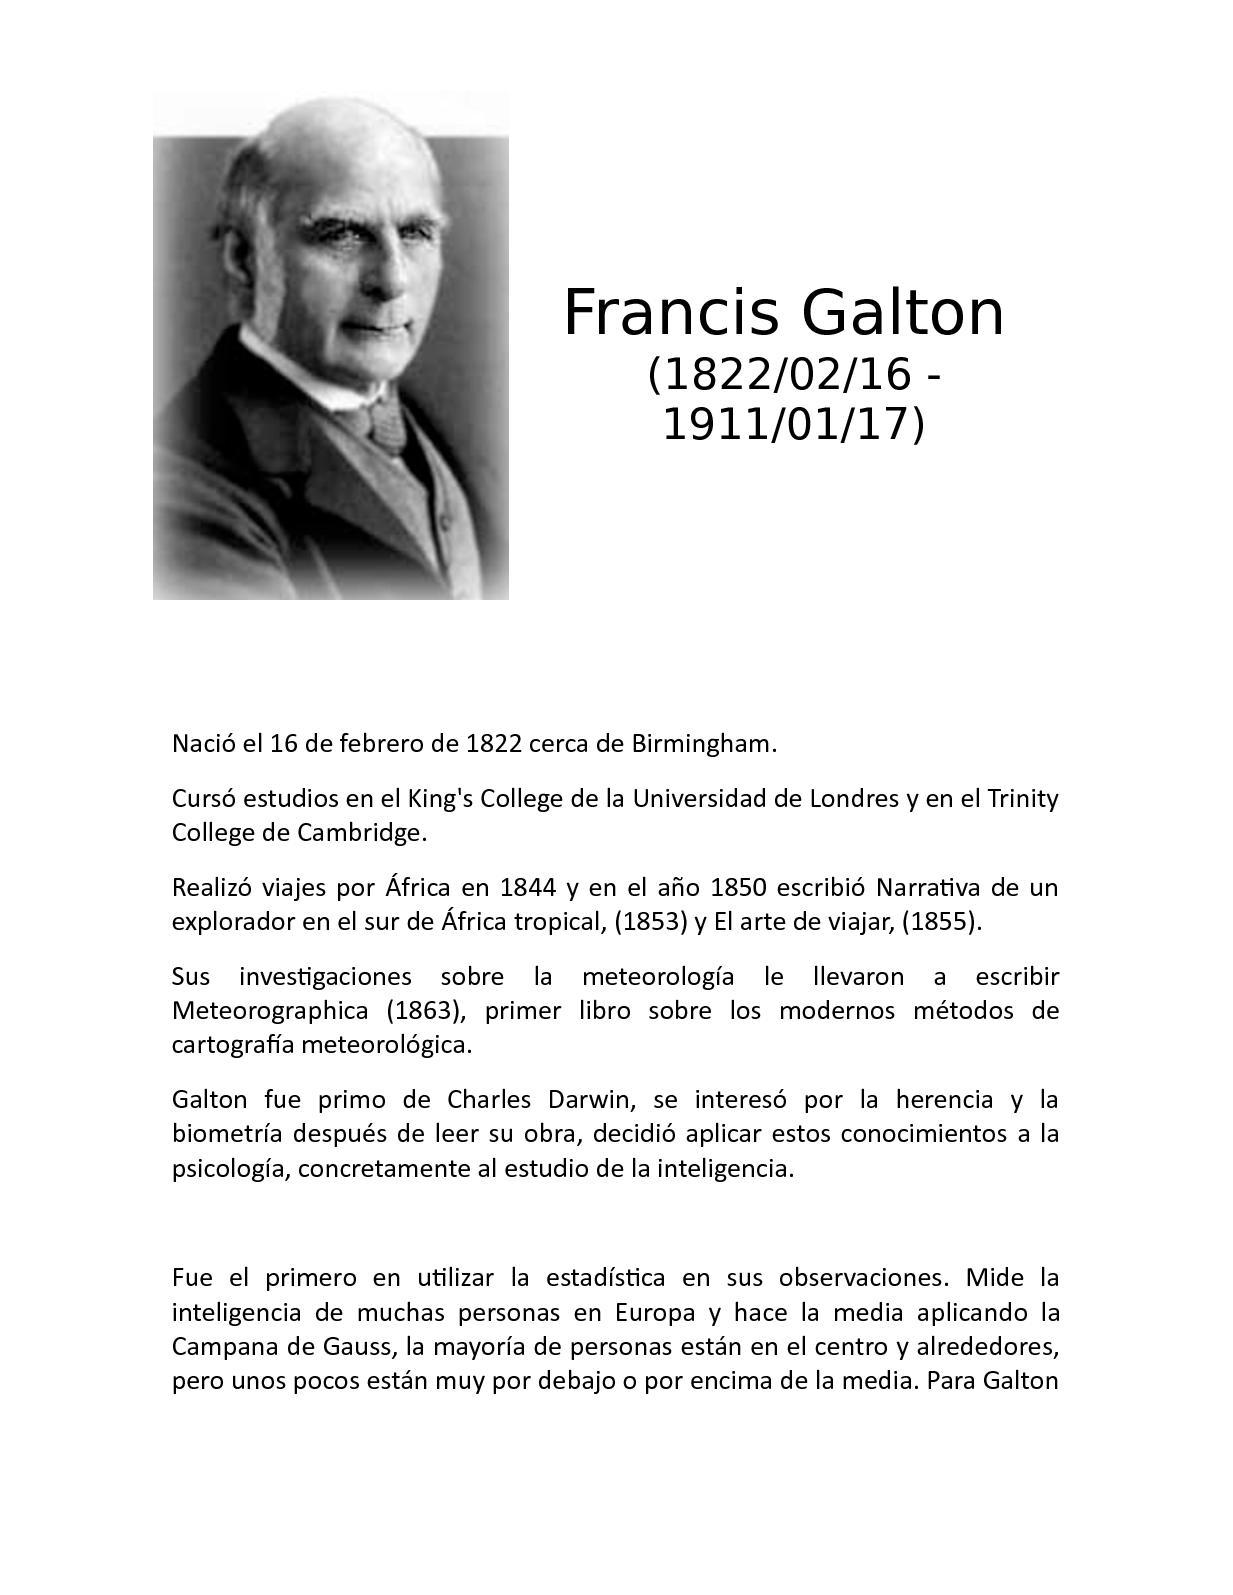 EL GENIO HEREDITARIO FRANCIS GALTON PDF